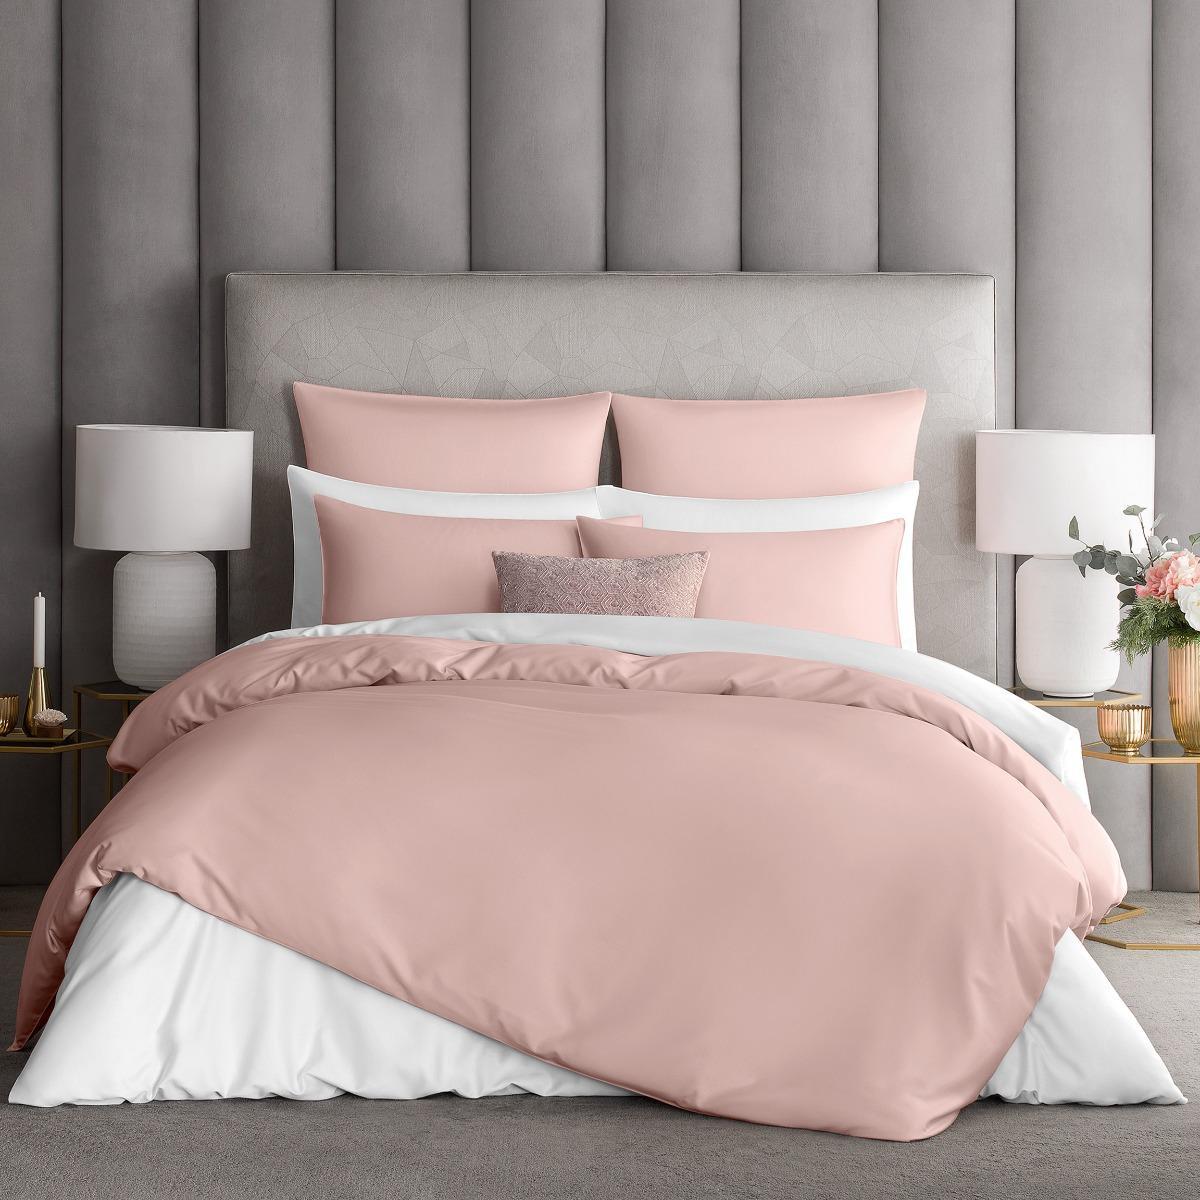 Комплект постельного белья Togas Авари розовый Евро